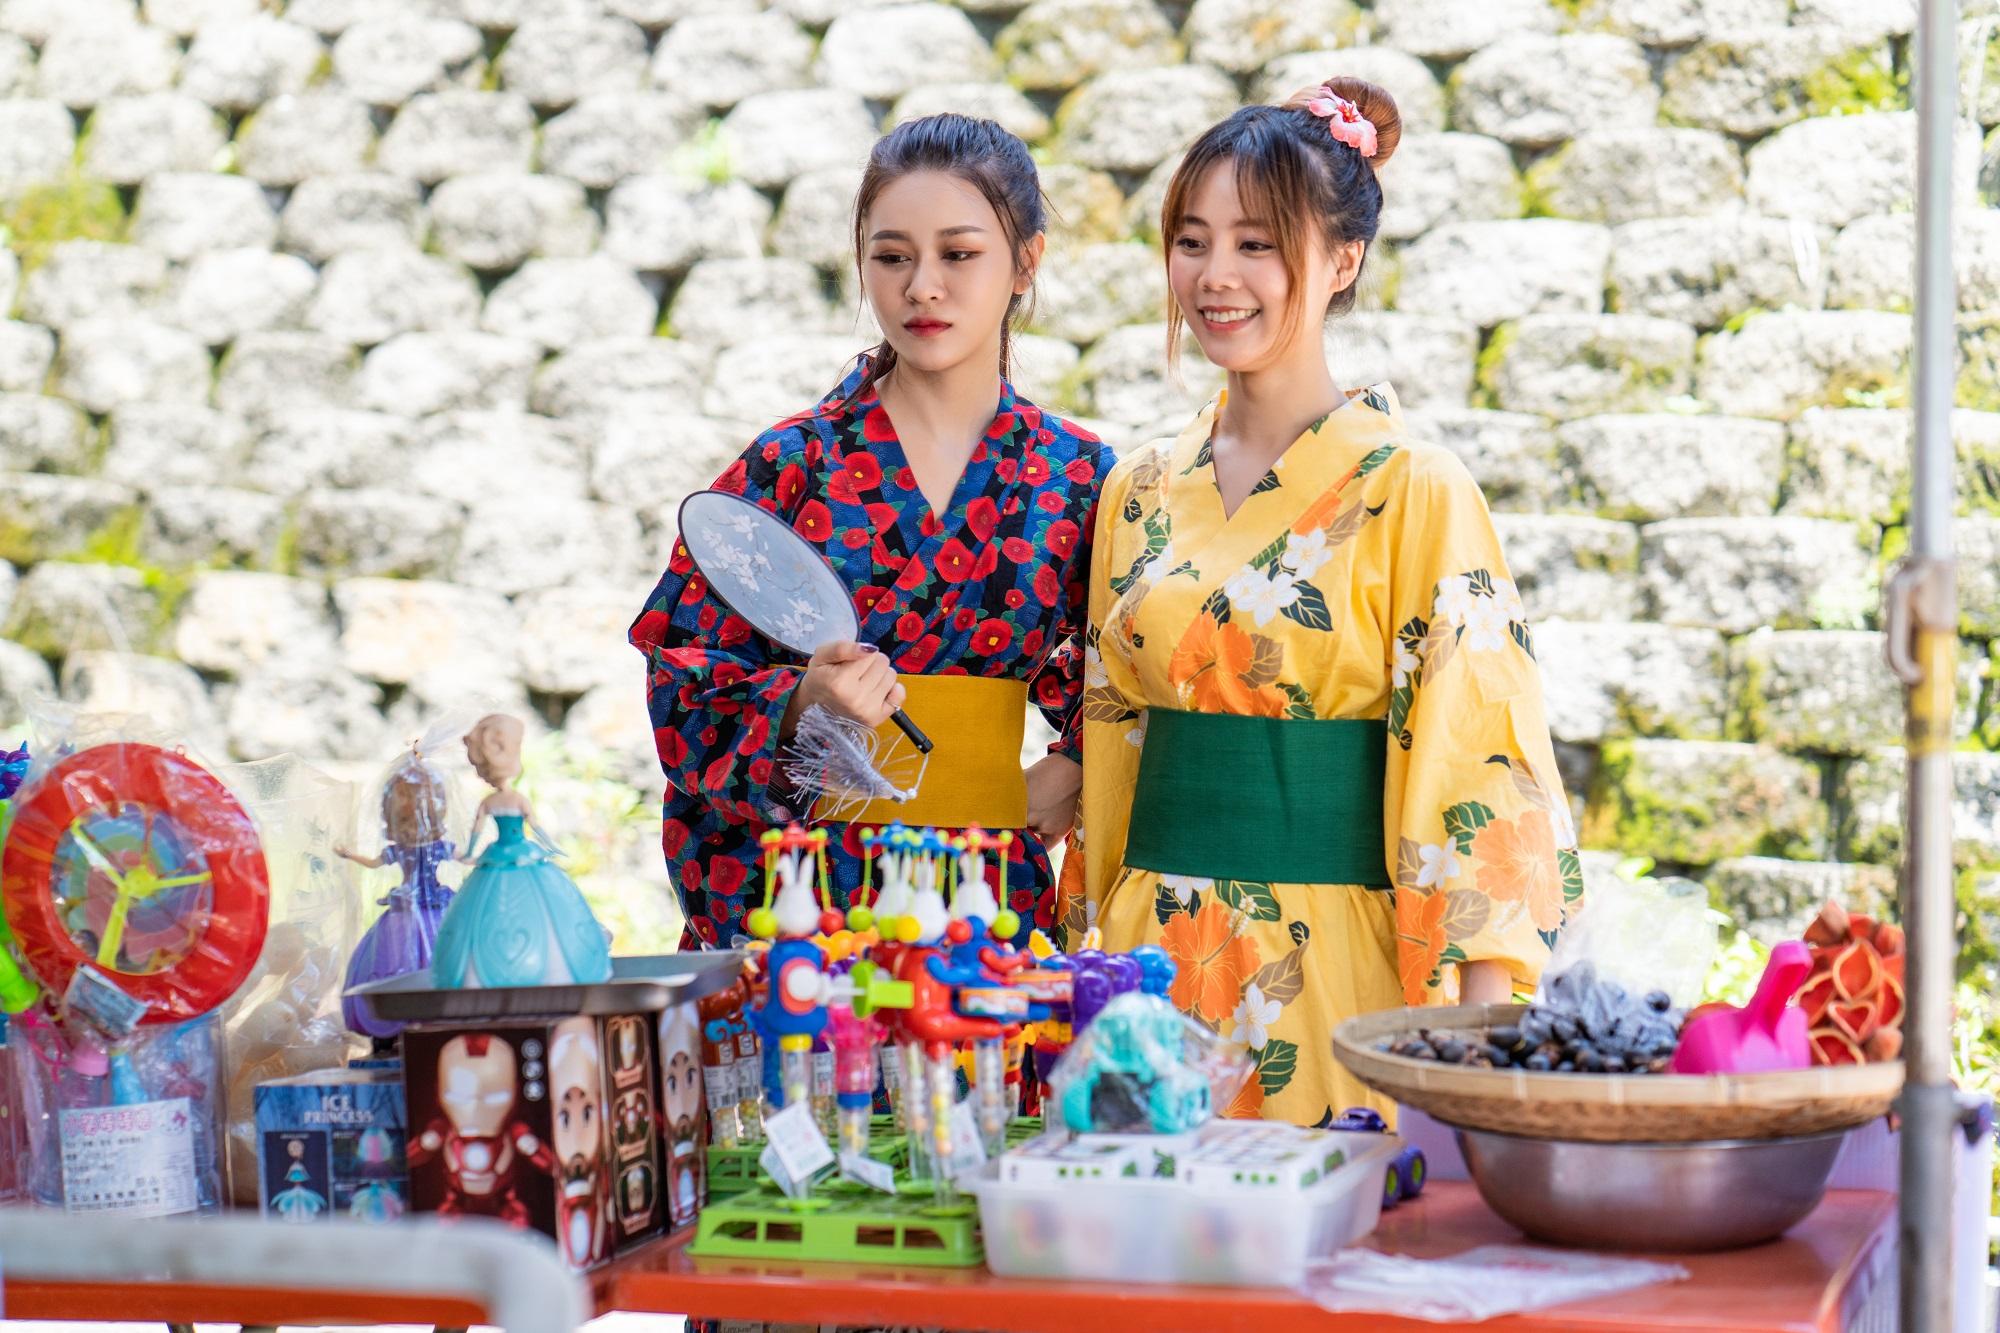 補助經費再度到位,一定會讓想來臺南遊玩住宿的民眾都能用好用滿。